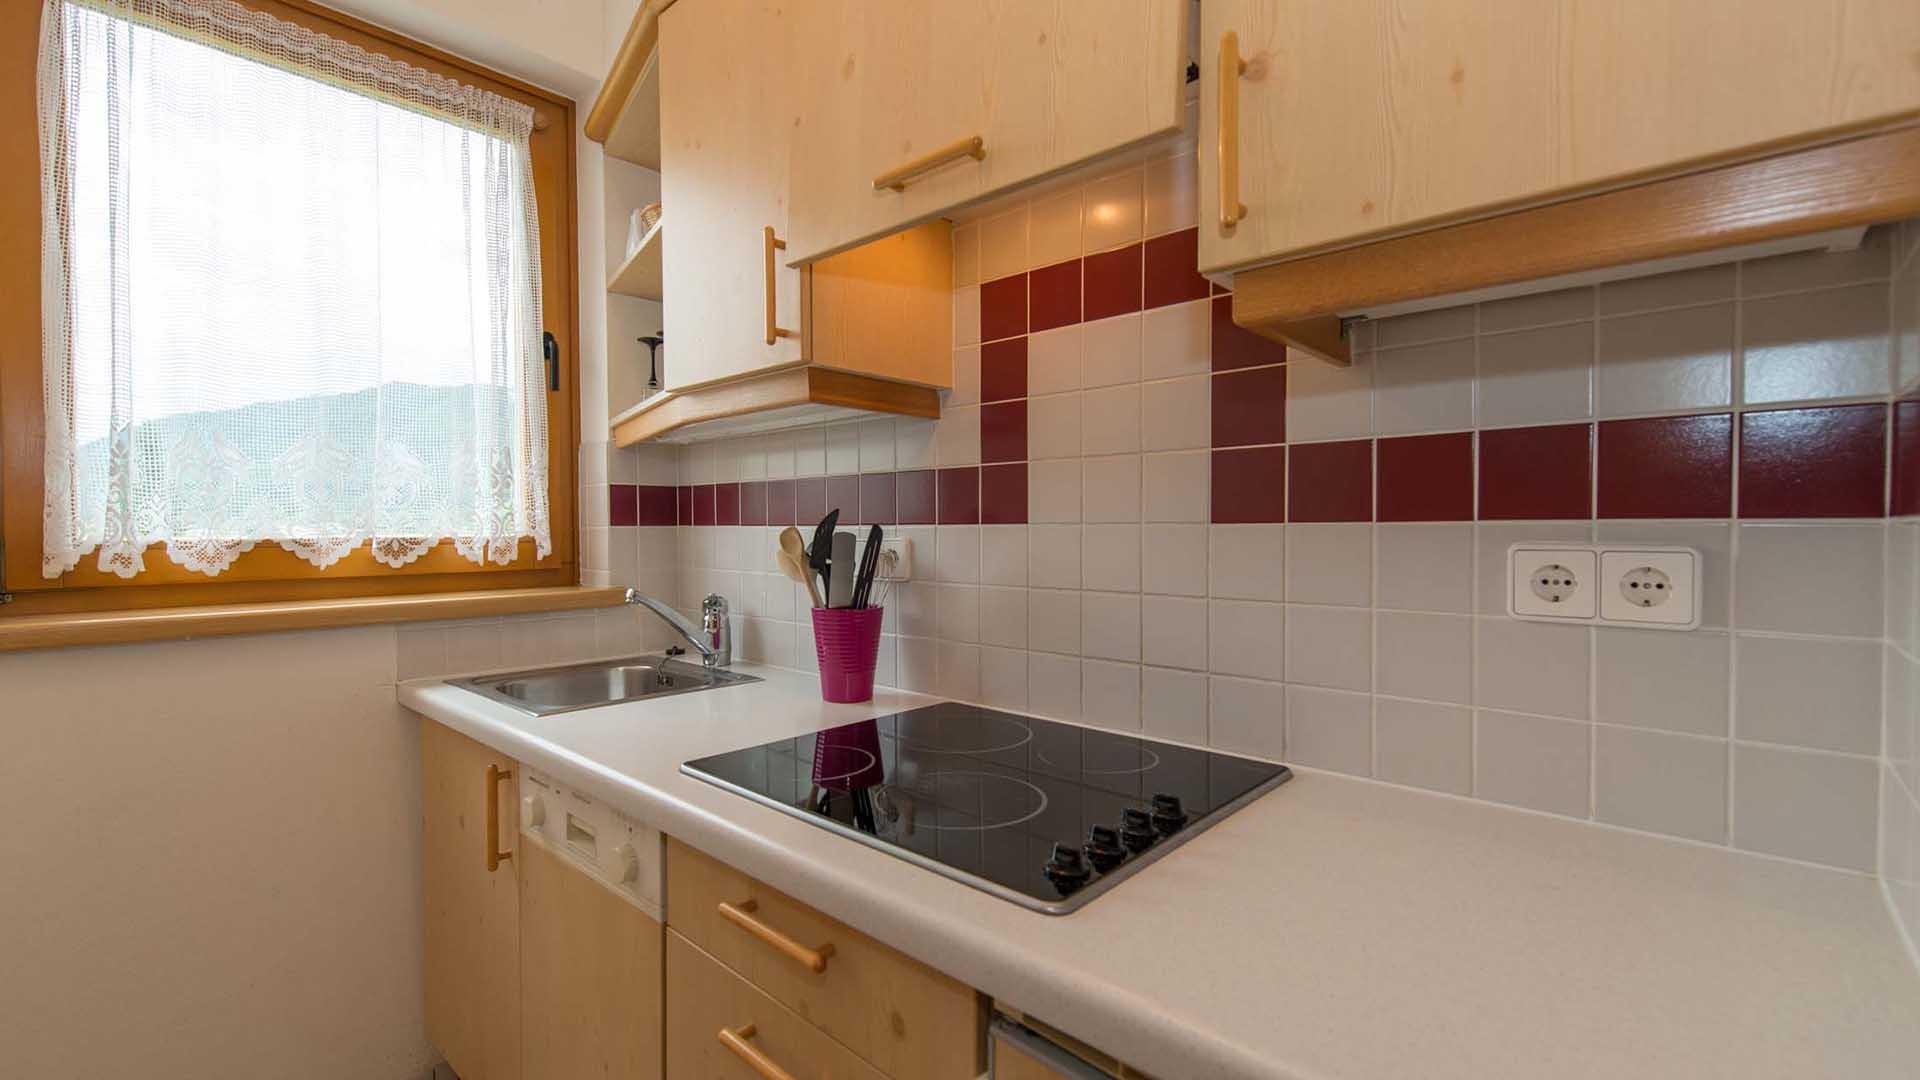 Wohnung-2-Slider-Winkler-Tuschnig-1